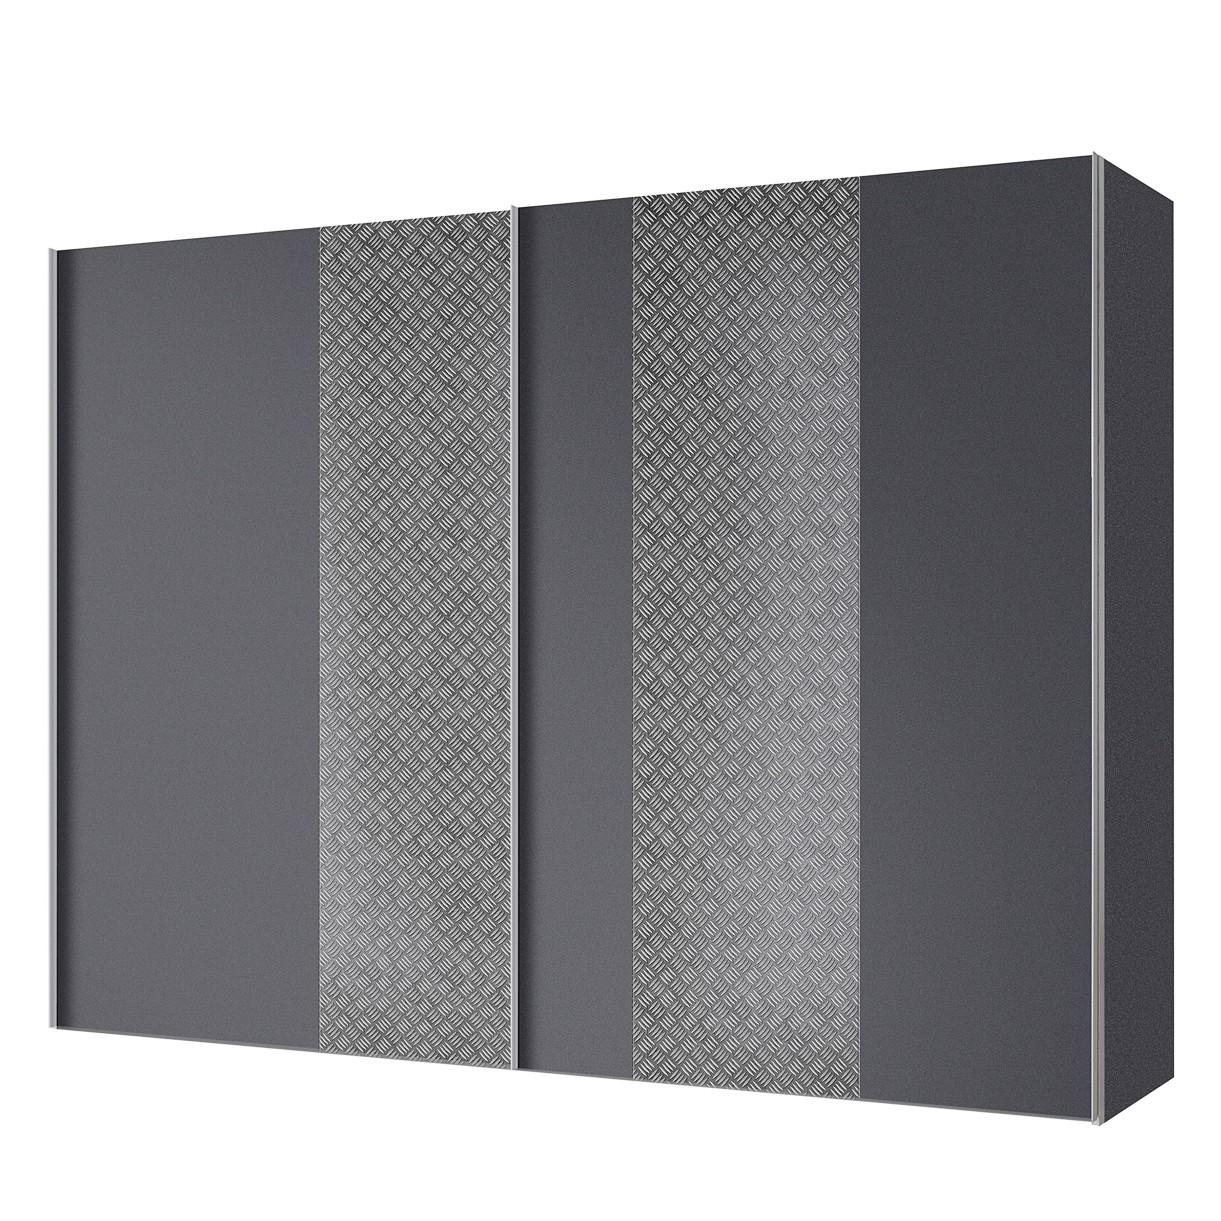 goedkoop Zweefdeurkast Cando Grijs Grafiet 300cm 2 deurs Express Mobel